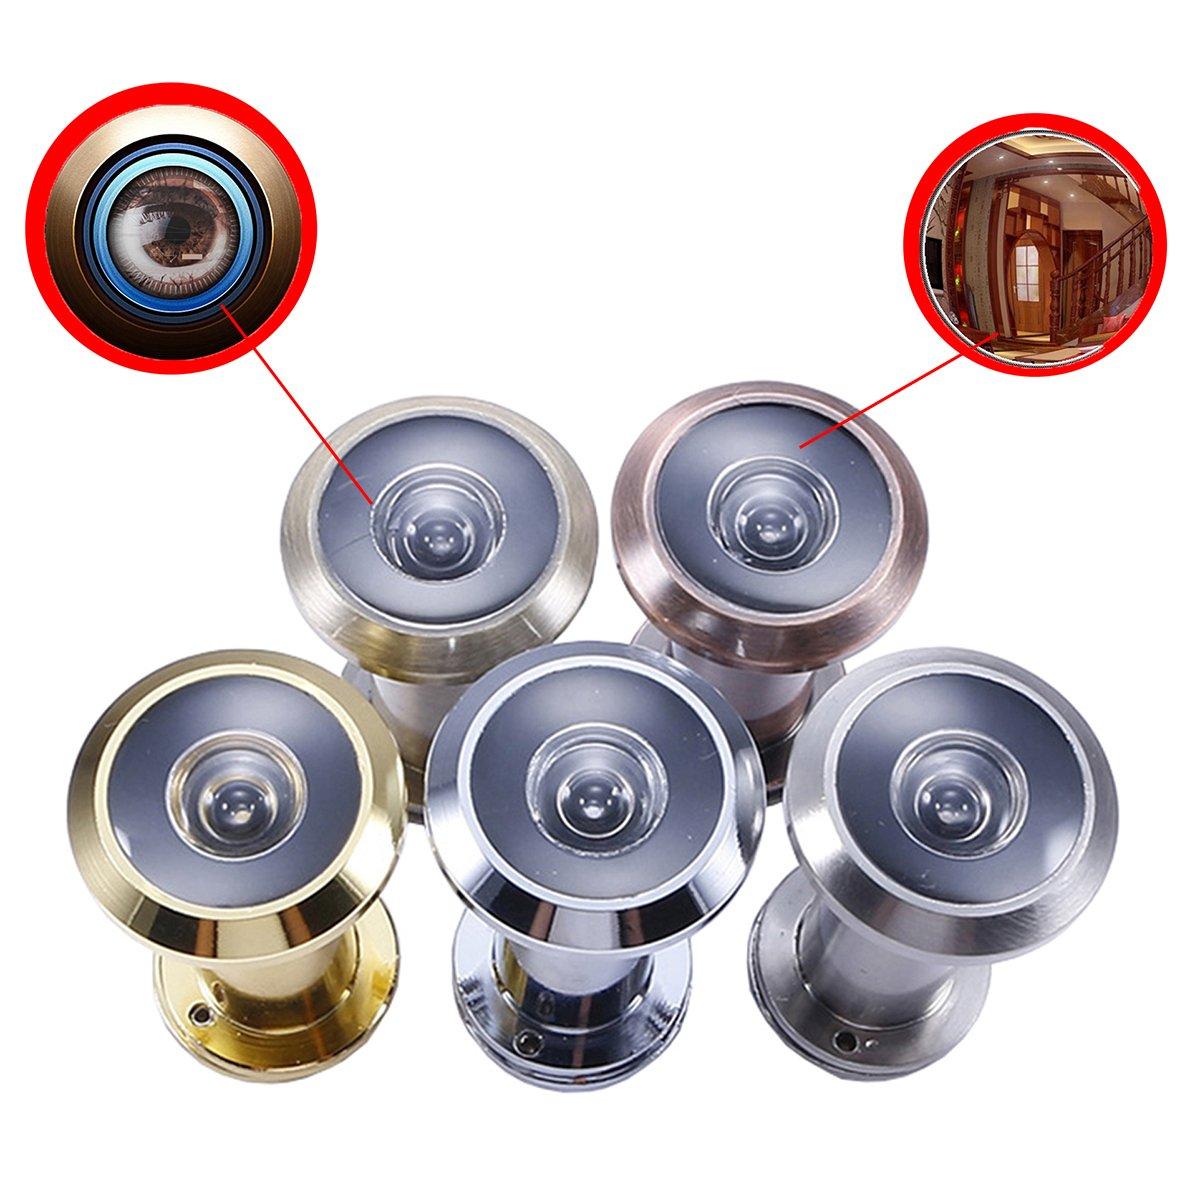 Judas de Porte avec le Cache pour Sécurité - 220 Dégrés l'angle de Vision, Diamètre 16mm, pour l'épais de Porte 35-60mm Diamètre 16mm pour l'épais de Porte 35-60mm YUNEED